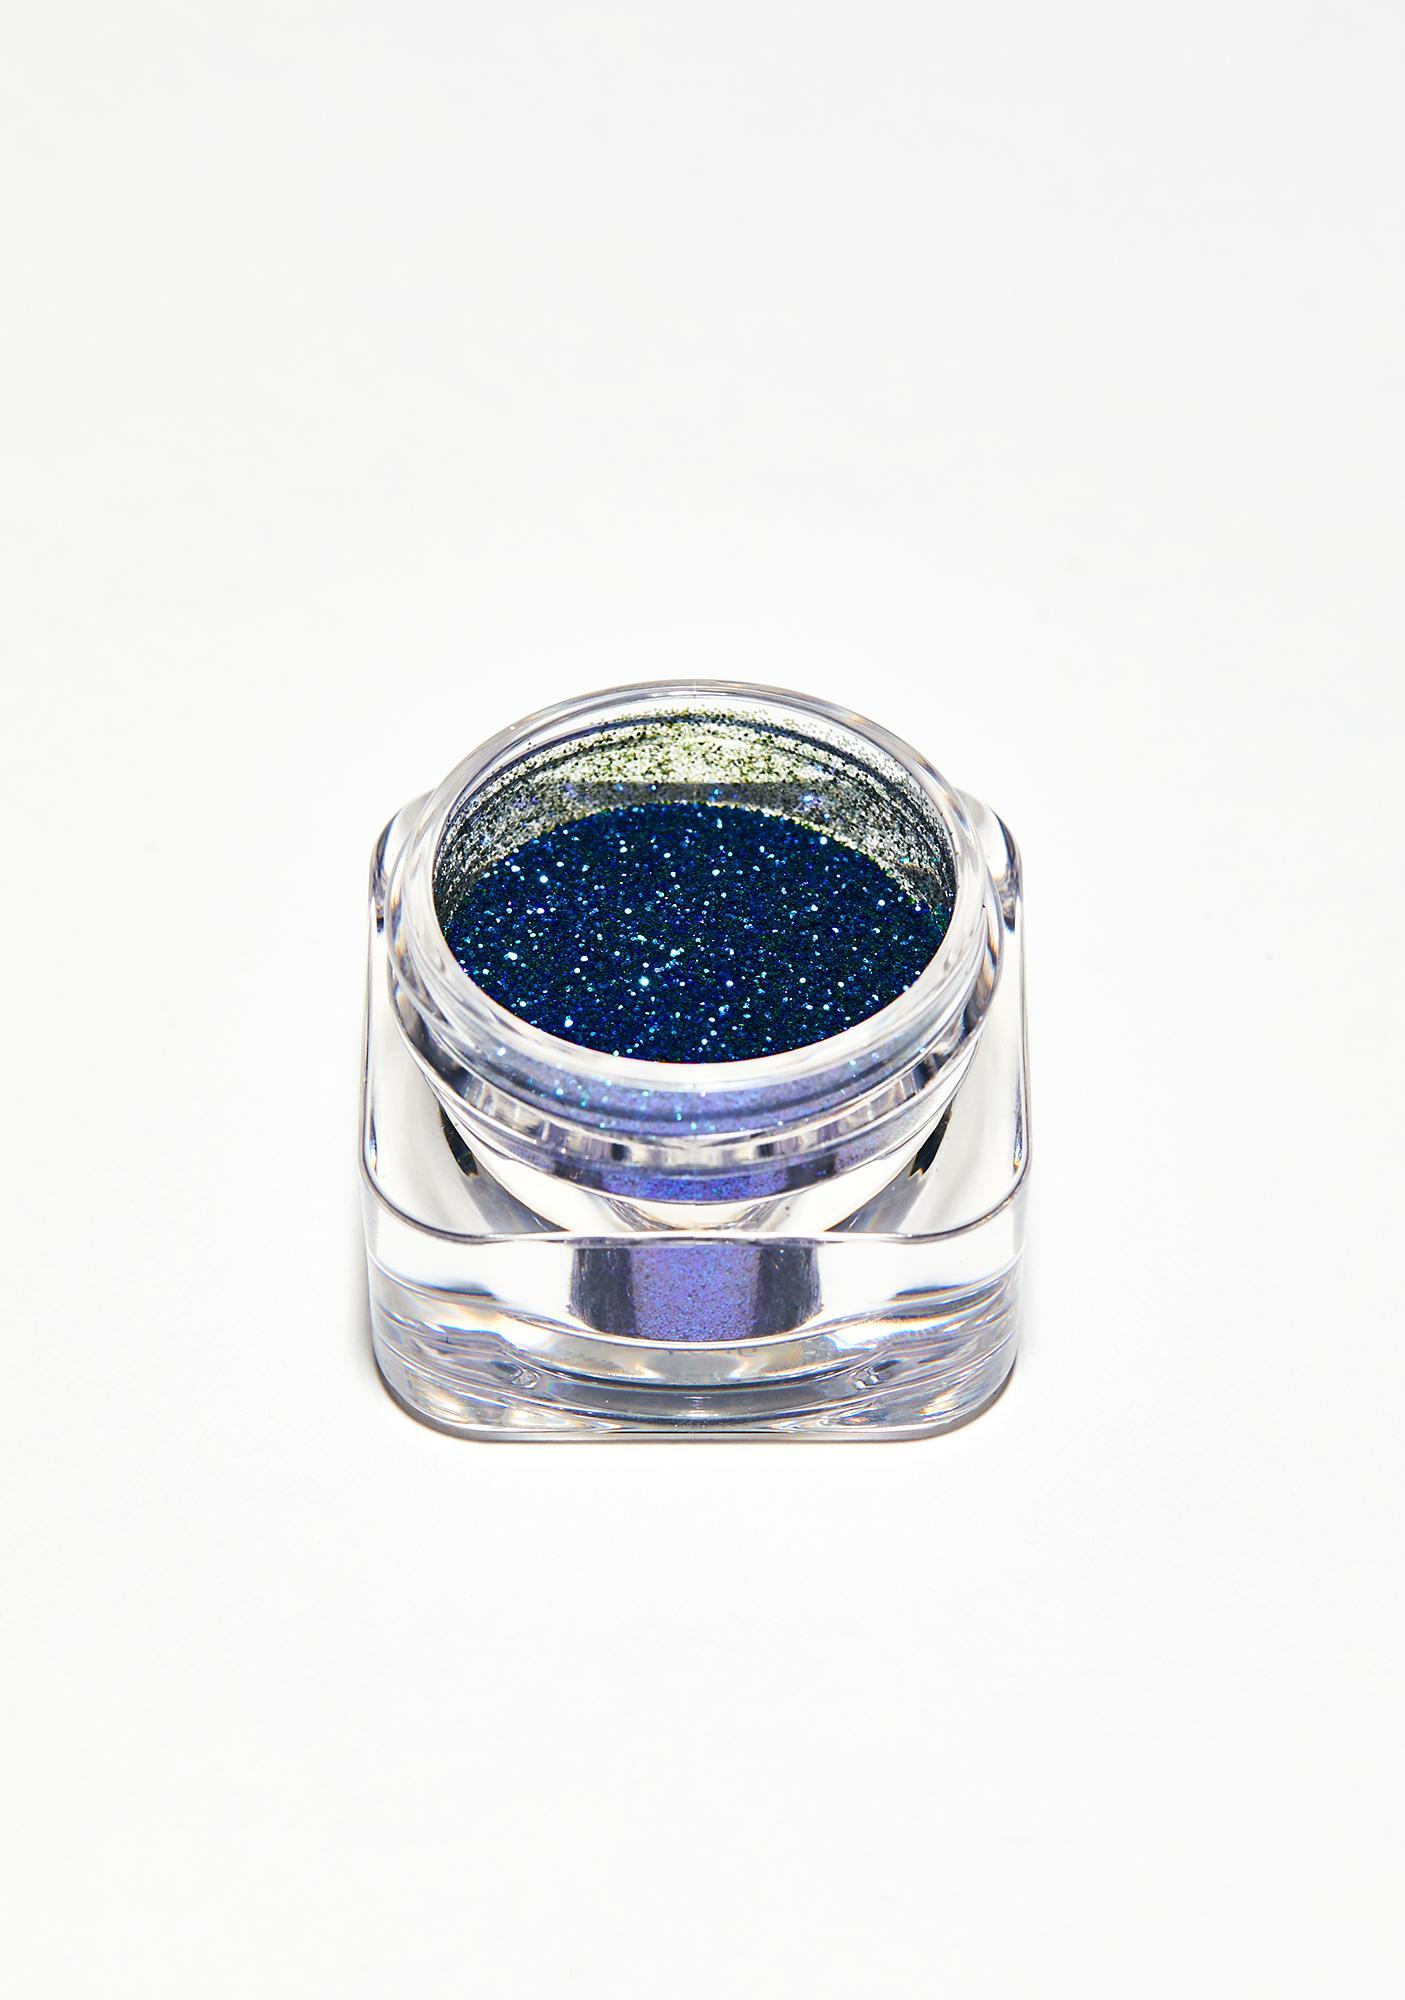 Fluide Electric Sea Glitter